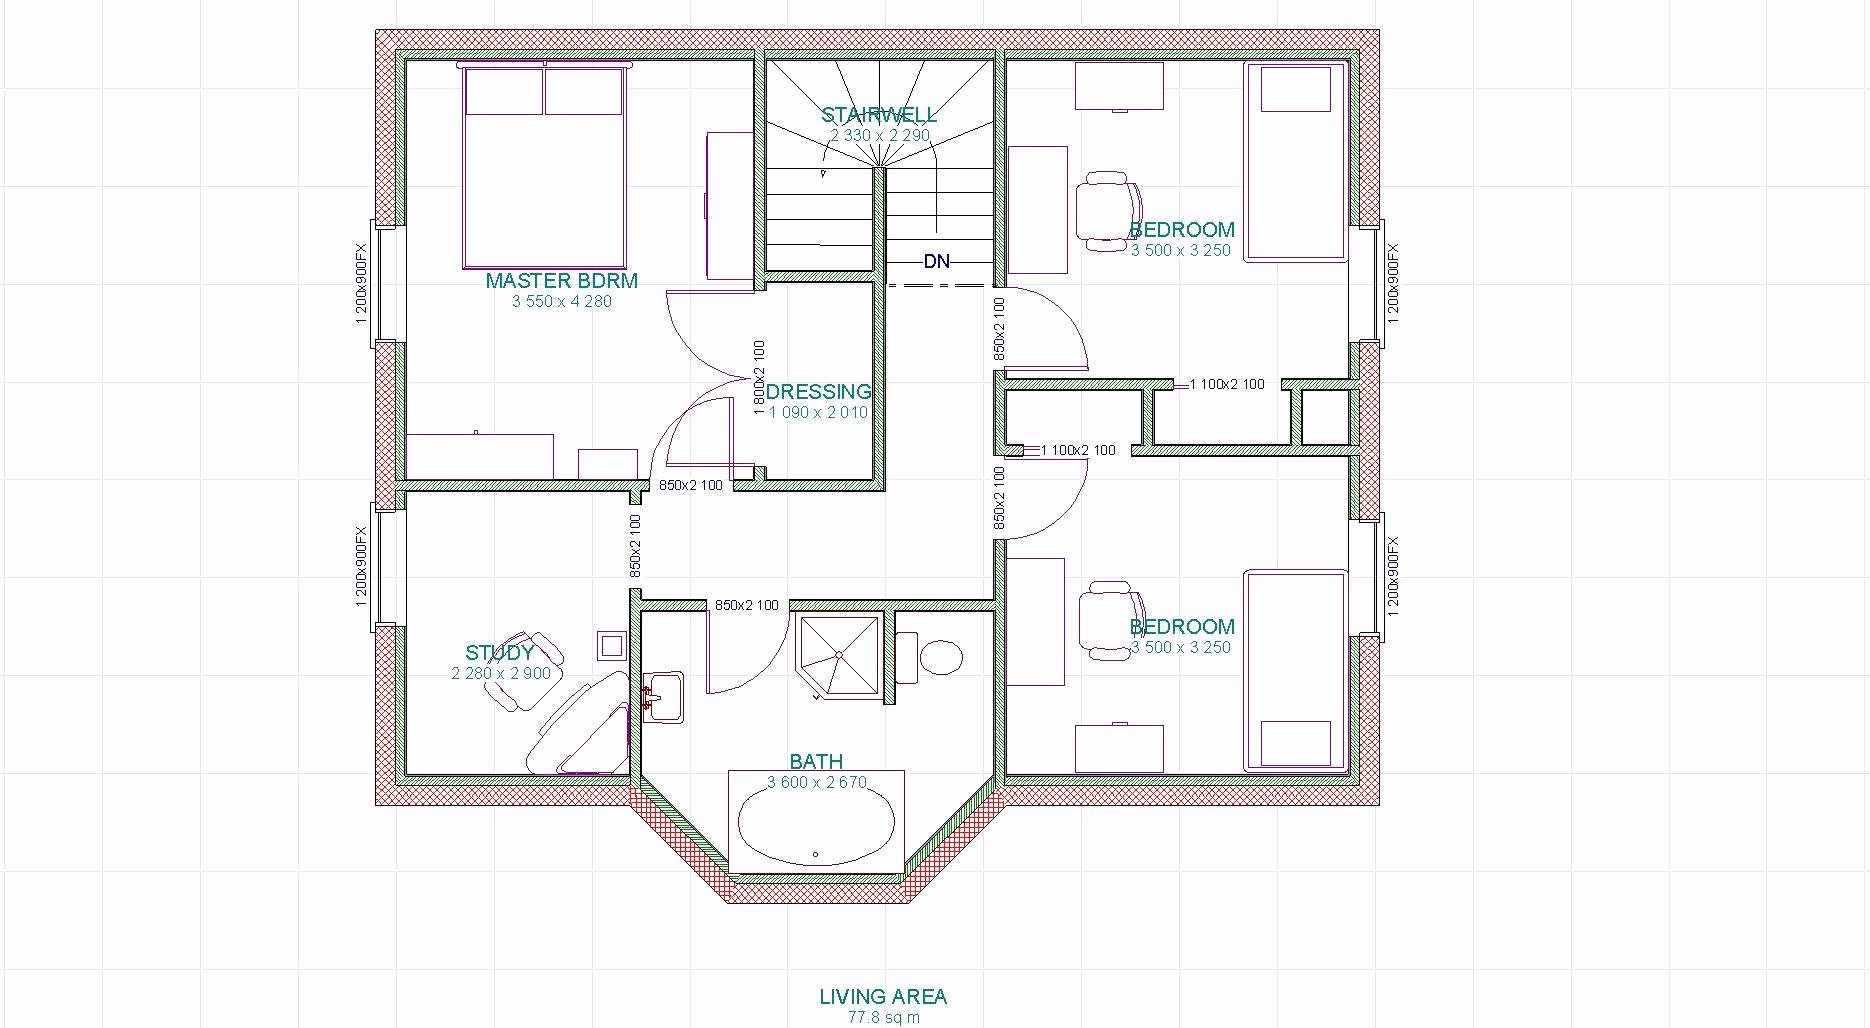 Faire plan maison gratuit soi meme id es de travaux - Faire plan de maison gratuit ...